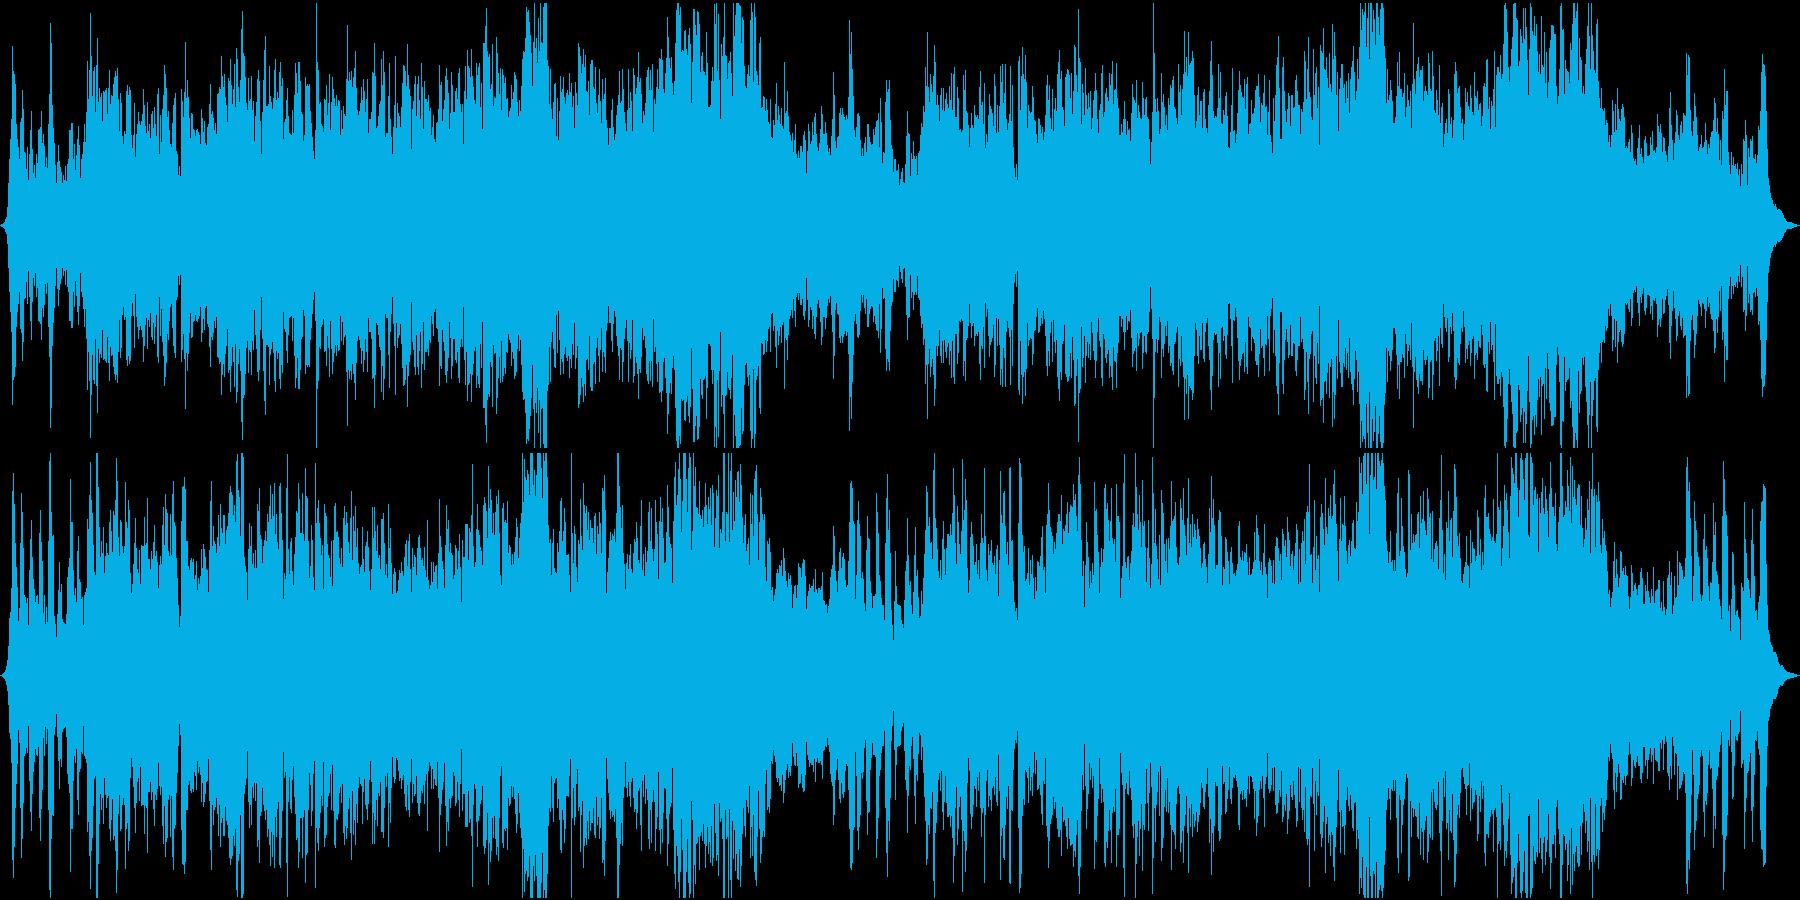 勇壮なオーケストラの行進曲の再生済みの波形